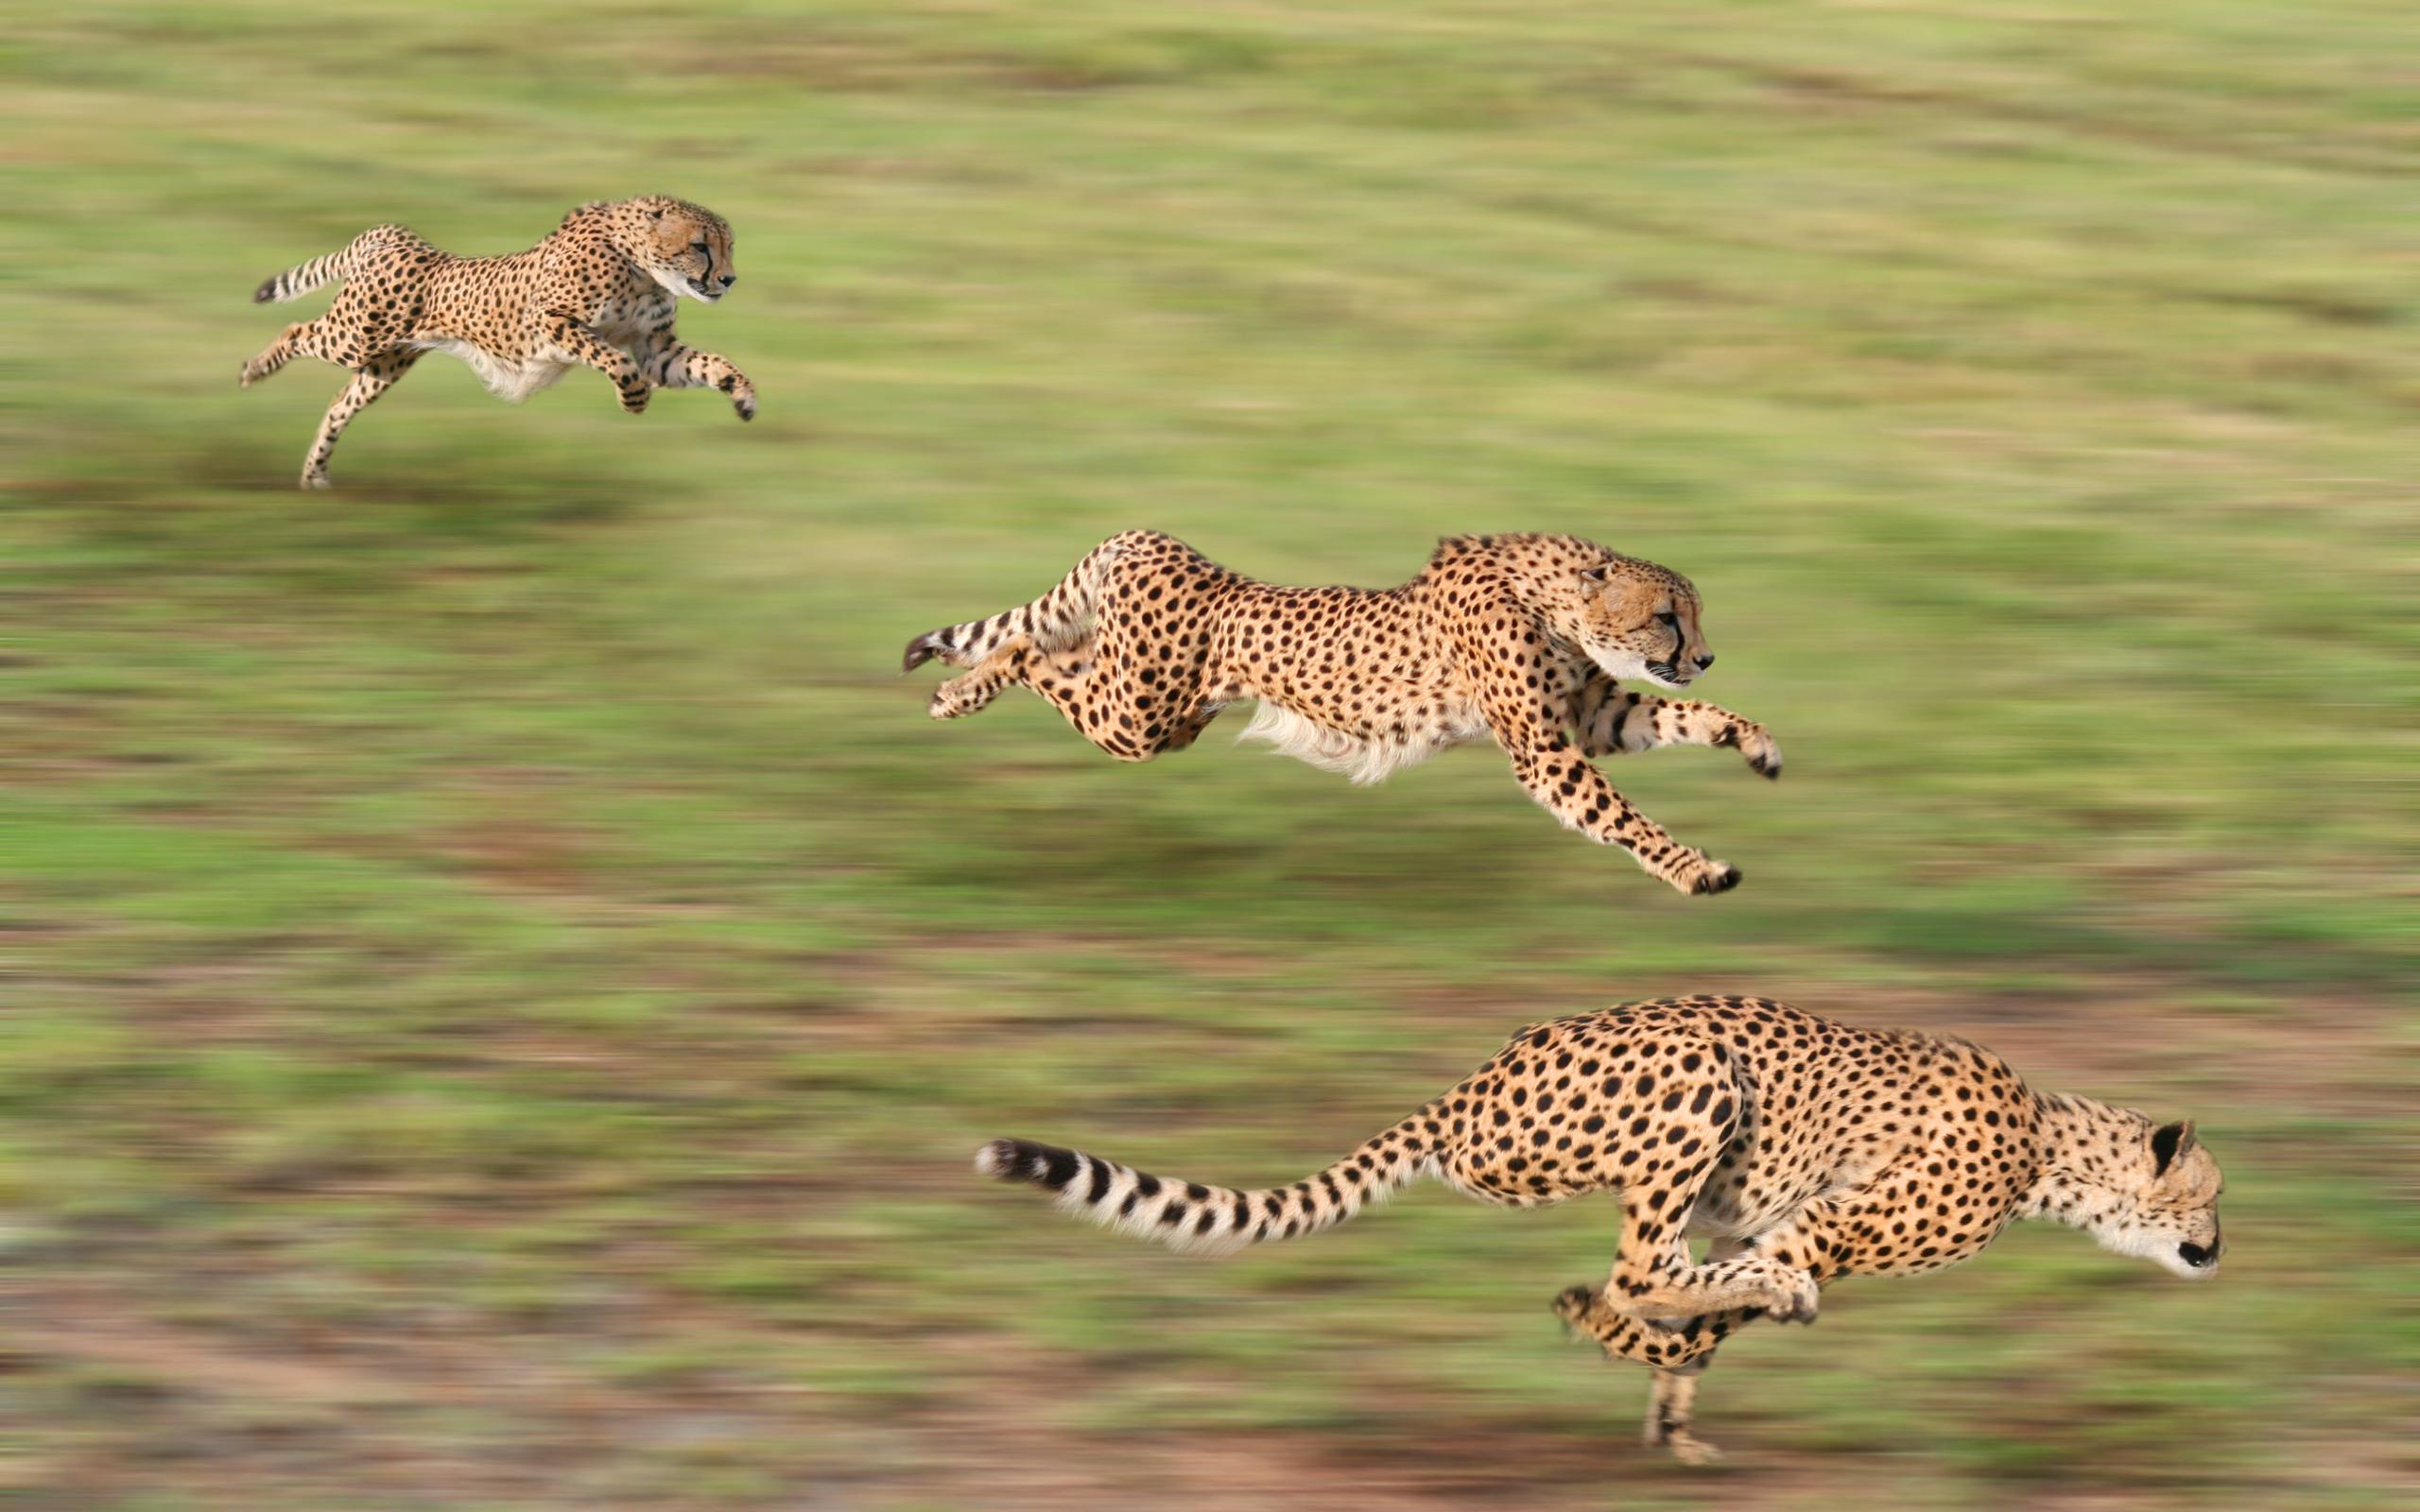 Cheetah Wallpaper 10427 2560x1600 px HDWallSourcecom